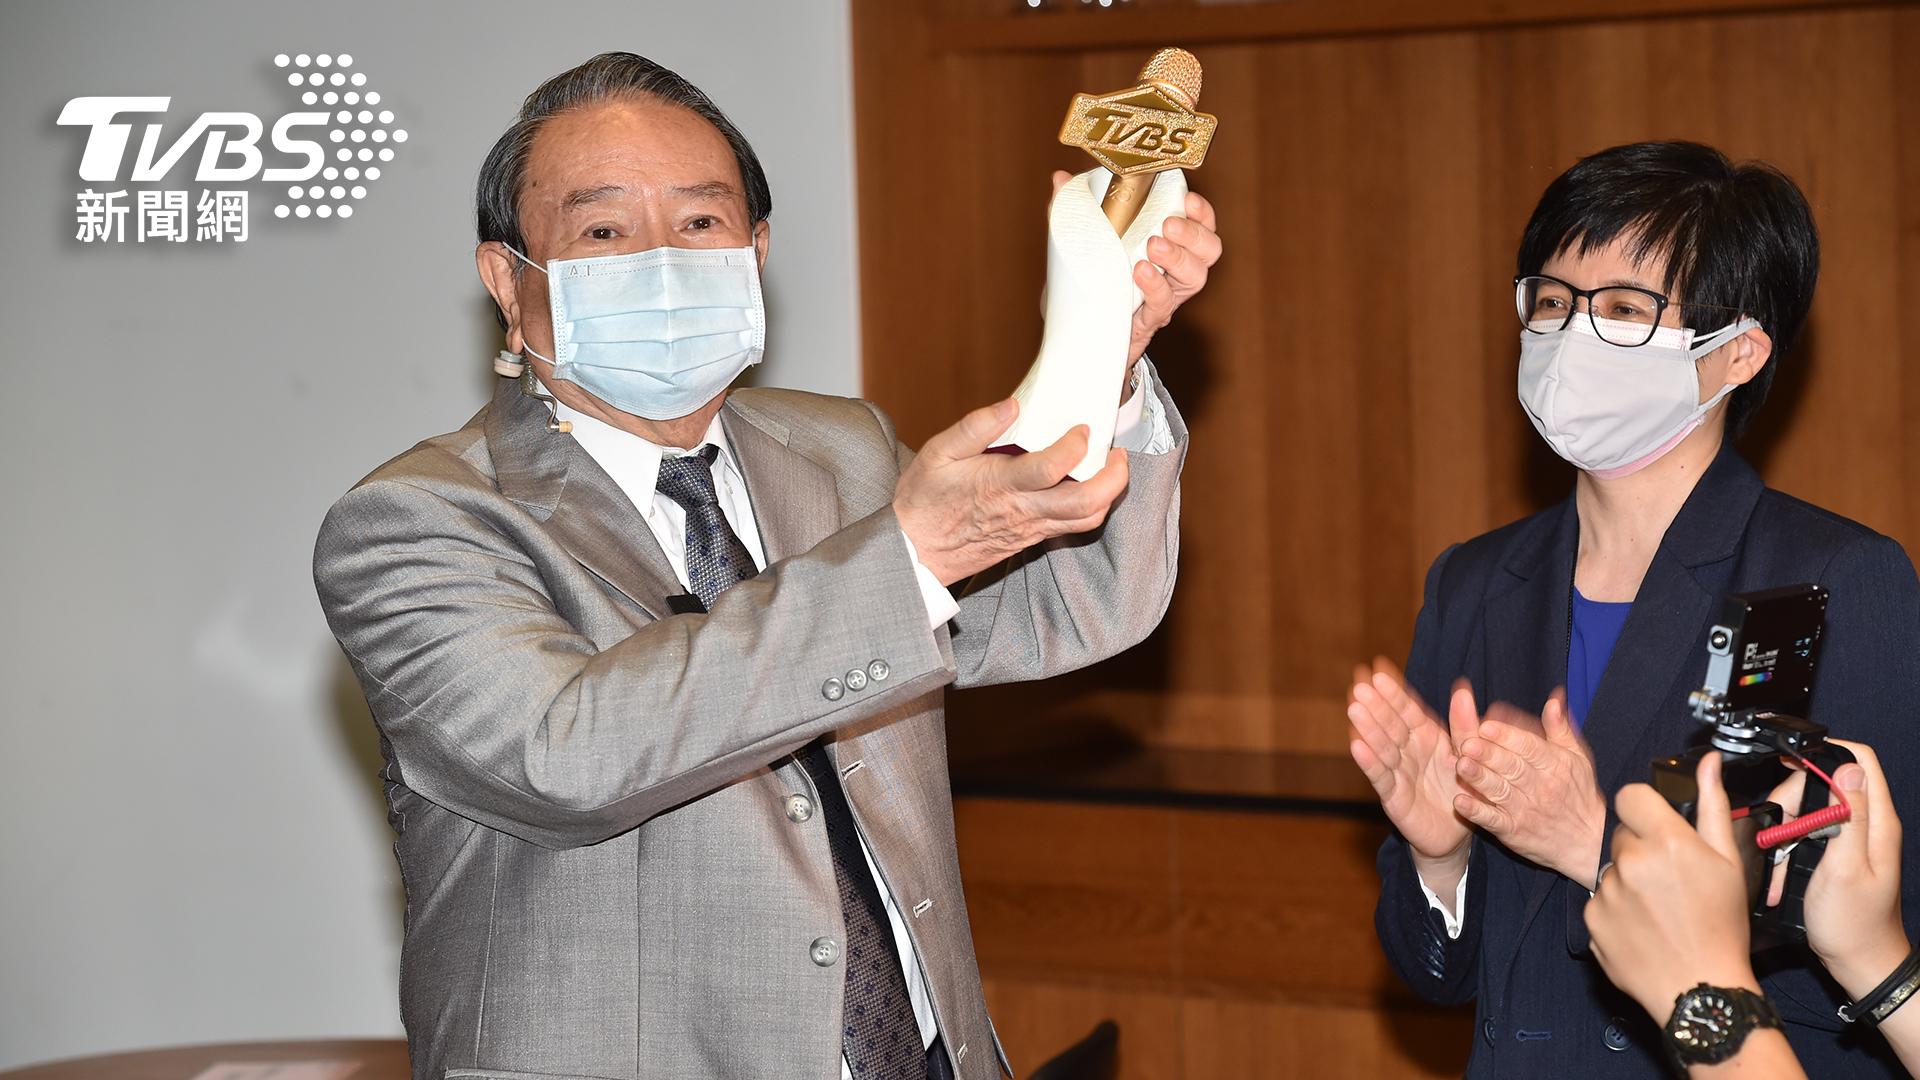 圖/TVBS提供 台灣社會最安定的力量  氣象先生任立渝光榮退休